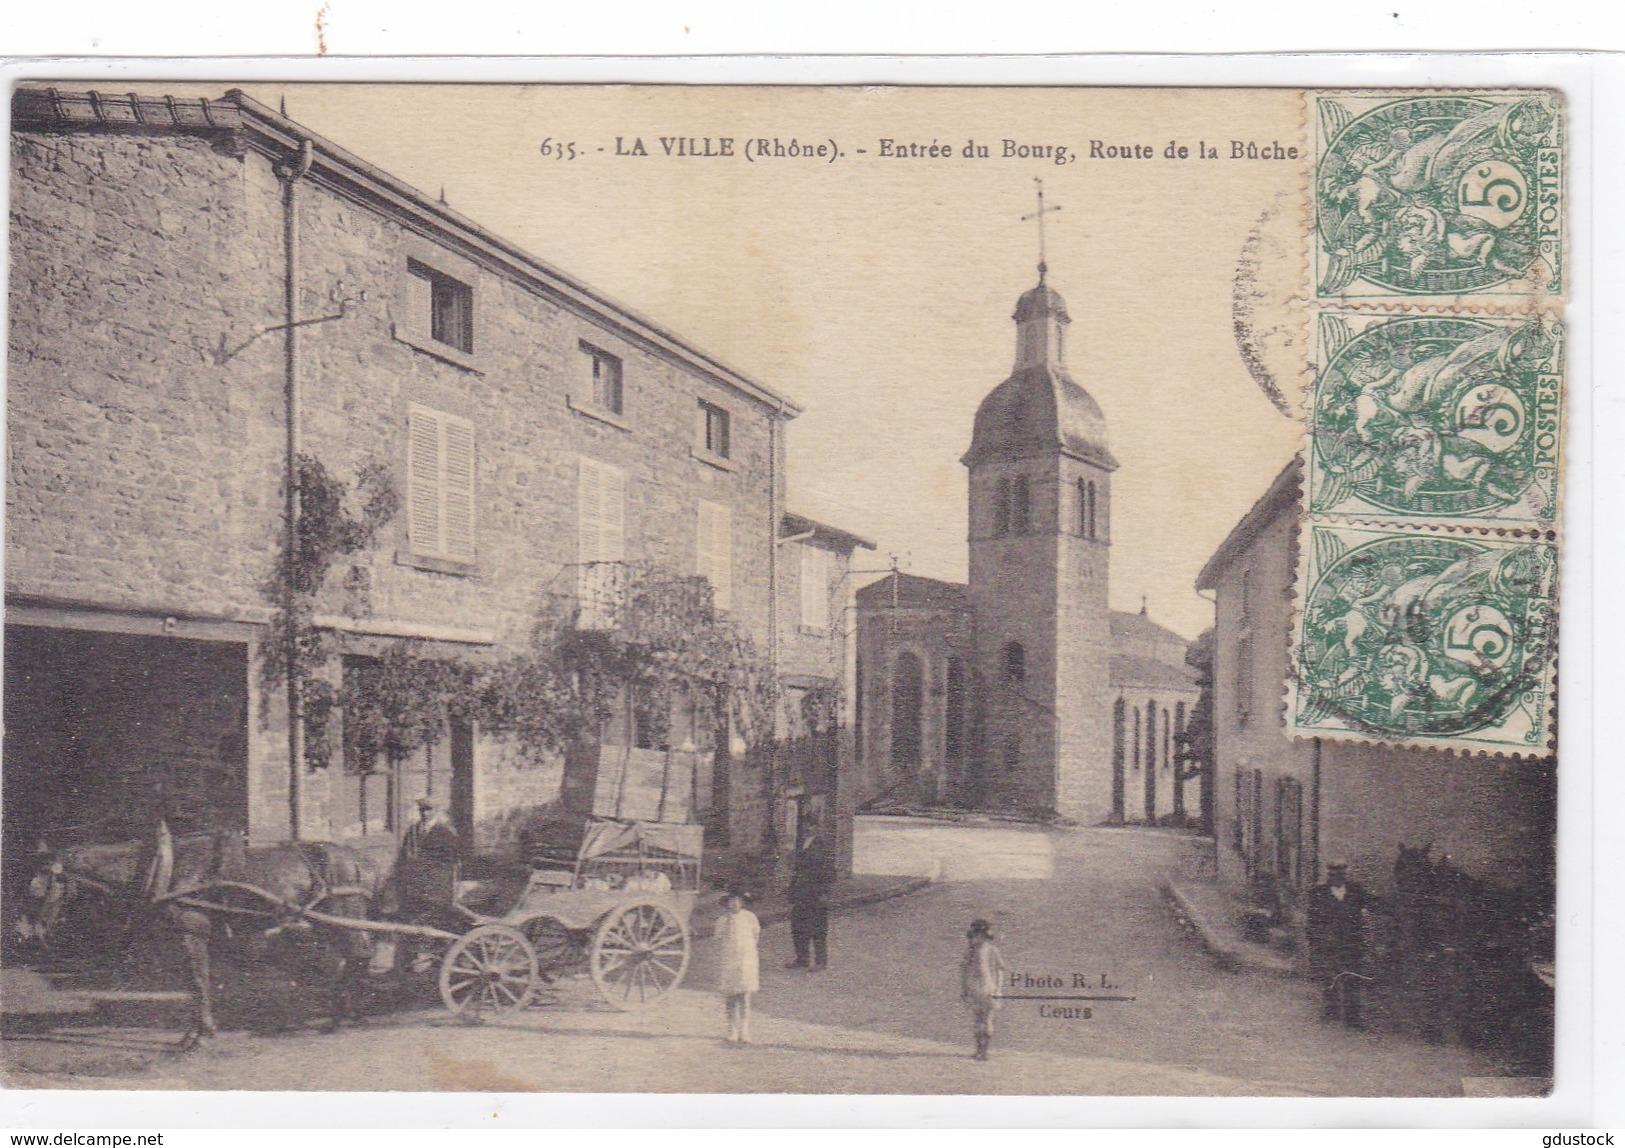 Rhône - La Ville - Entrée Du Bourg, Route De La Bûche - France